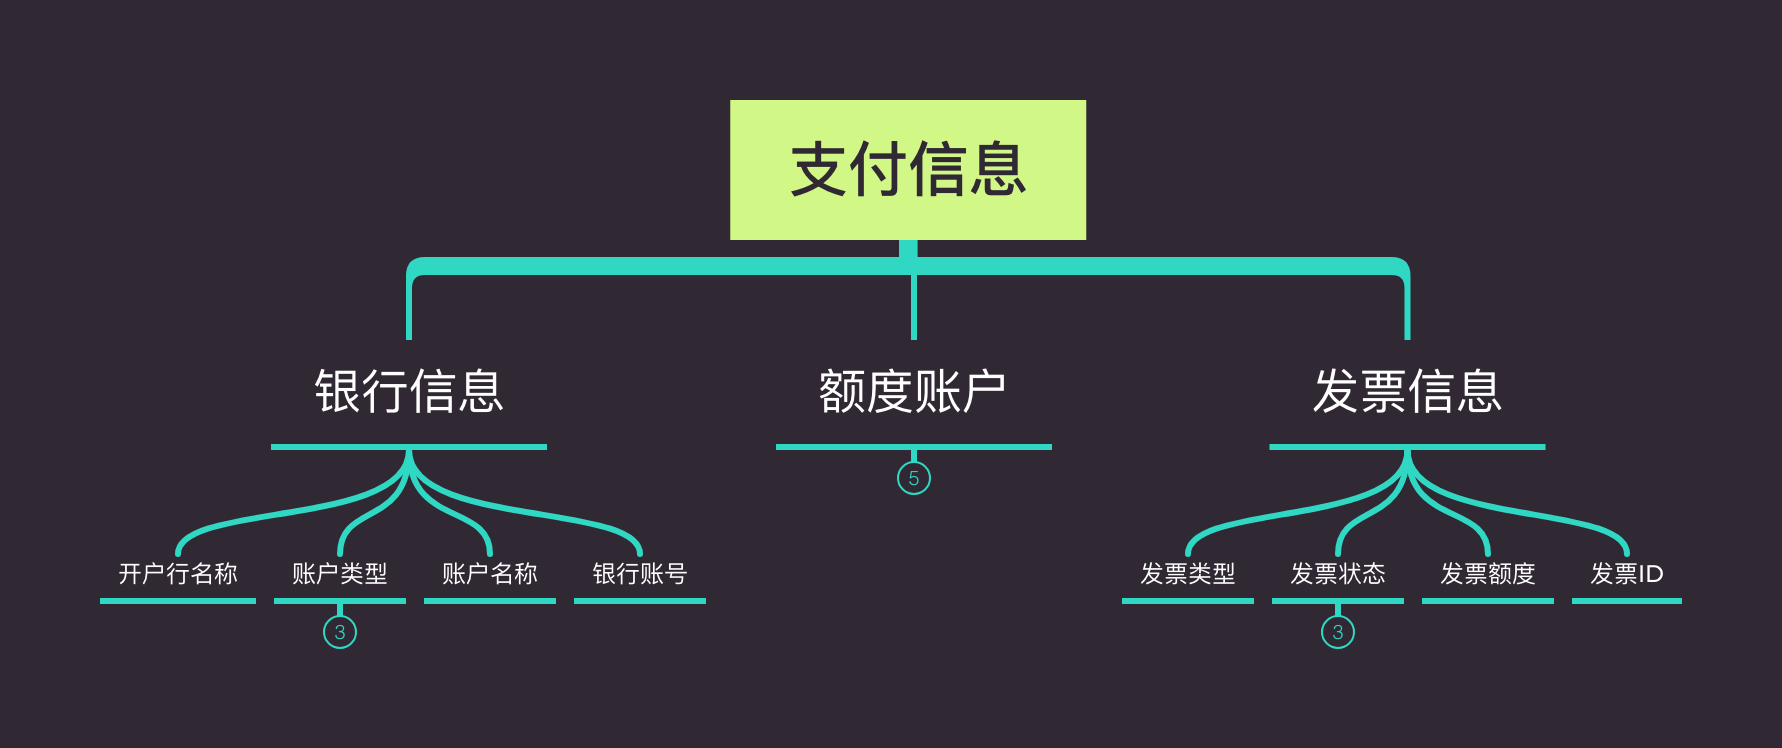 常被混淆的账号体系与账户体系插图4